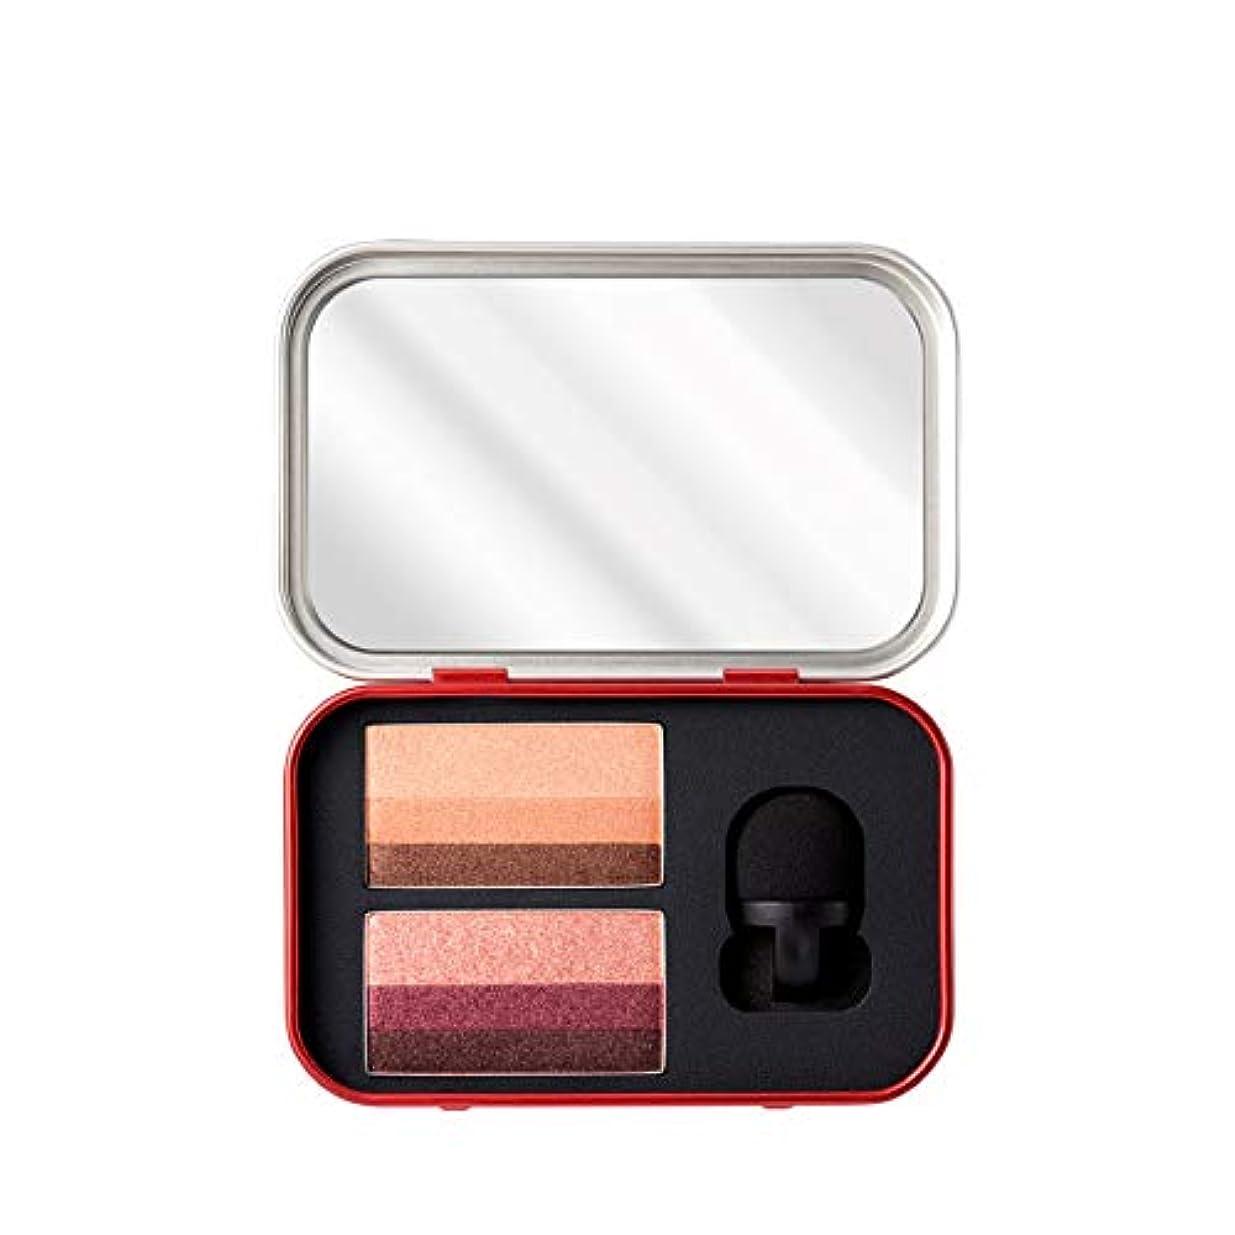 険しい香り概してエイプリルスキン日本公式(APRILSKIN) エイプリルスキン パーフェクトマジックデュアルアイシャドウピュア&シック APRILSKIN PERFECT MAGIC DUAL EYE SHADOW PURE & CHIC